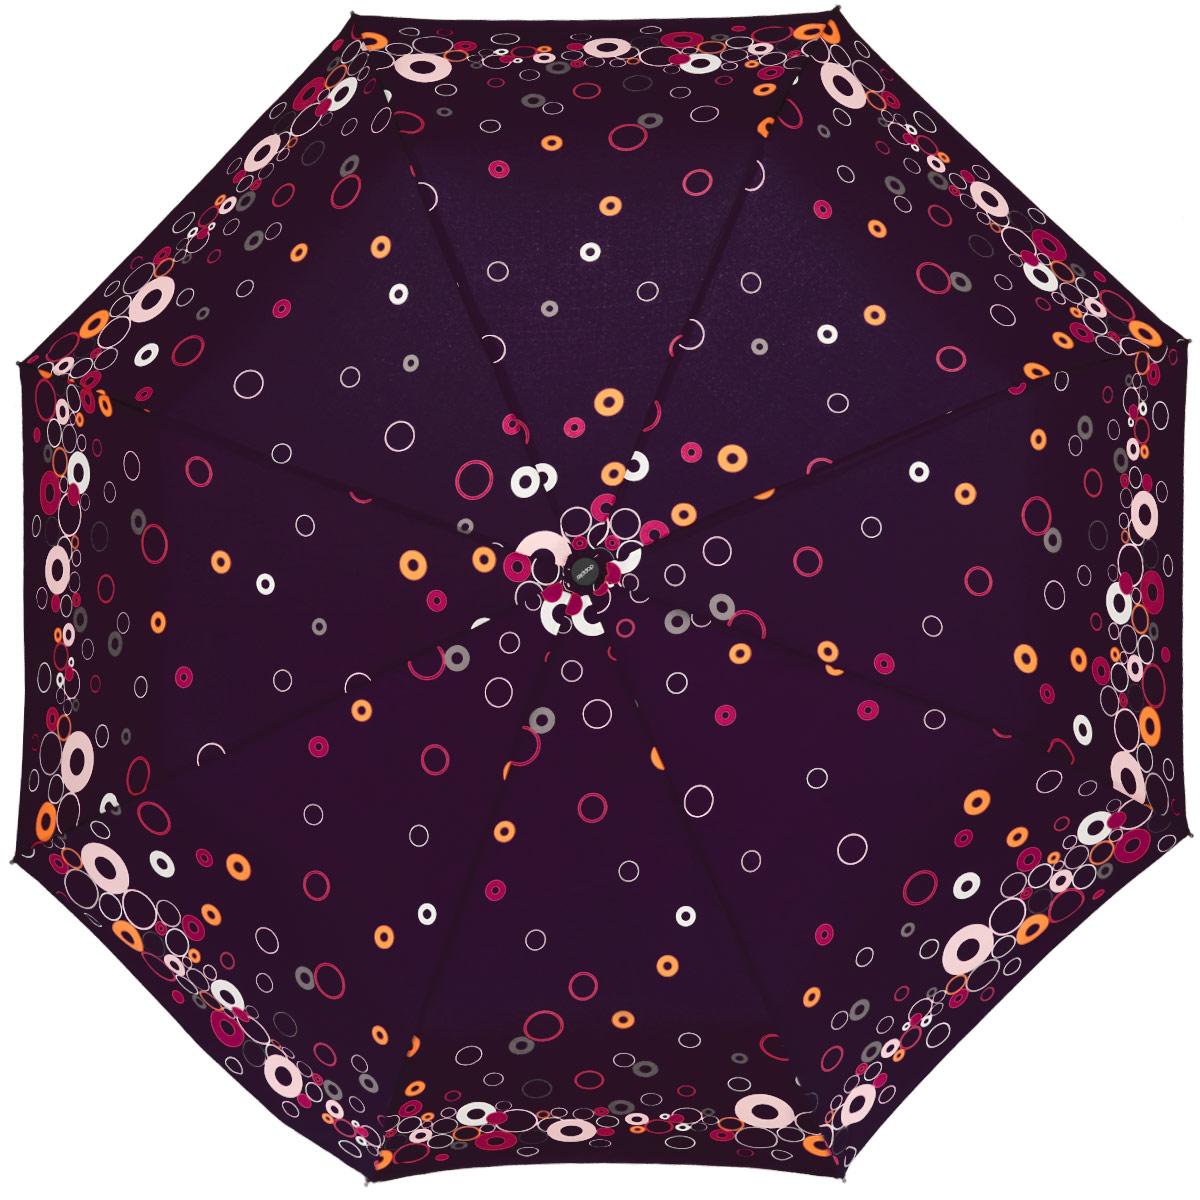 Зонт женский Doppler Party Rings, автомат, 3 сложения, цвет: фиолетовый. 7441465PR7441465PR_violetЖенский автоматический зонт Doppler Party Rings в три сложения изготовлен из полиэстера, стали и пластика. Изделие оформлено ярким абстрактным принтом. Зонт имеет полностью автоматический механизм сложения: купол открывается и закрывается нажатием кнопки на рукоятке, стержень складывается вручную до характерного щелчка, благодаря чему открыть и закрыть зонт можно одной рукой, что чрезвычайно удобно при входе в транспорт или помещение. Каркас зонта снабжен системой Антиветер и состоит из восьми надежных стальных спиц. Купол изделия выполнен из прочного полиэстера. Рукоятка, разработанная с учетом требований эргономики, выполнена из приятного на ощупь пластика. На рукоятке для удобства есть небольшой шнурок, позволяющий надеть зонт на руку тогда, когда это будет необходимо. К зонту прилагается чехол. Такой зонт не только надежно защитит вас от дождя, но и станет стильным аксессуаром, который идеально подчеркнет ваш неповторимый образ.